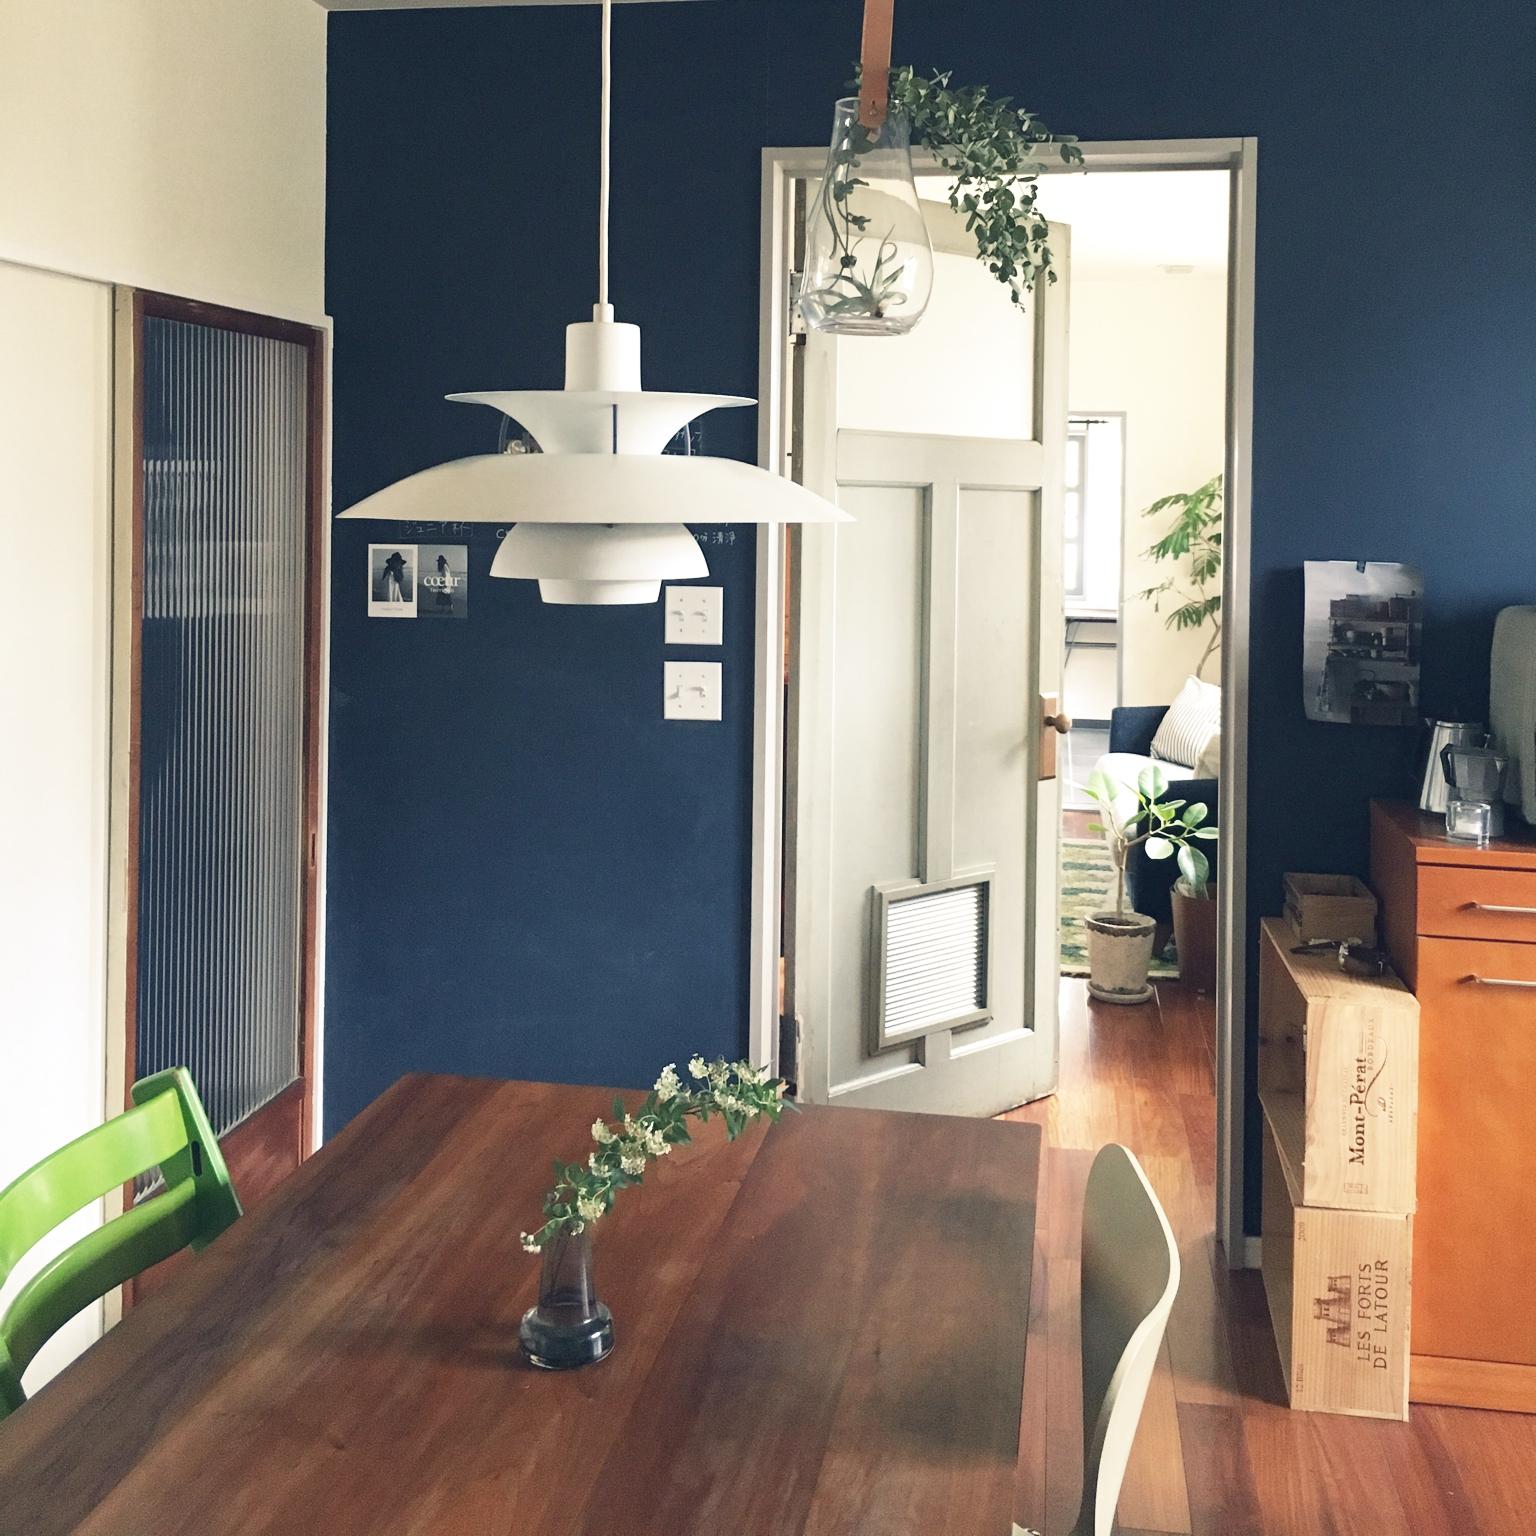 女性で、Other、家族住まいの黒板塗料/花のある暮らし/スイッチ/アンティークドア/北欧/レトロ 建具…などについてのインテリア実例を紹介。